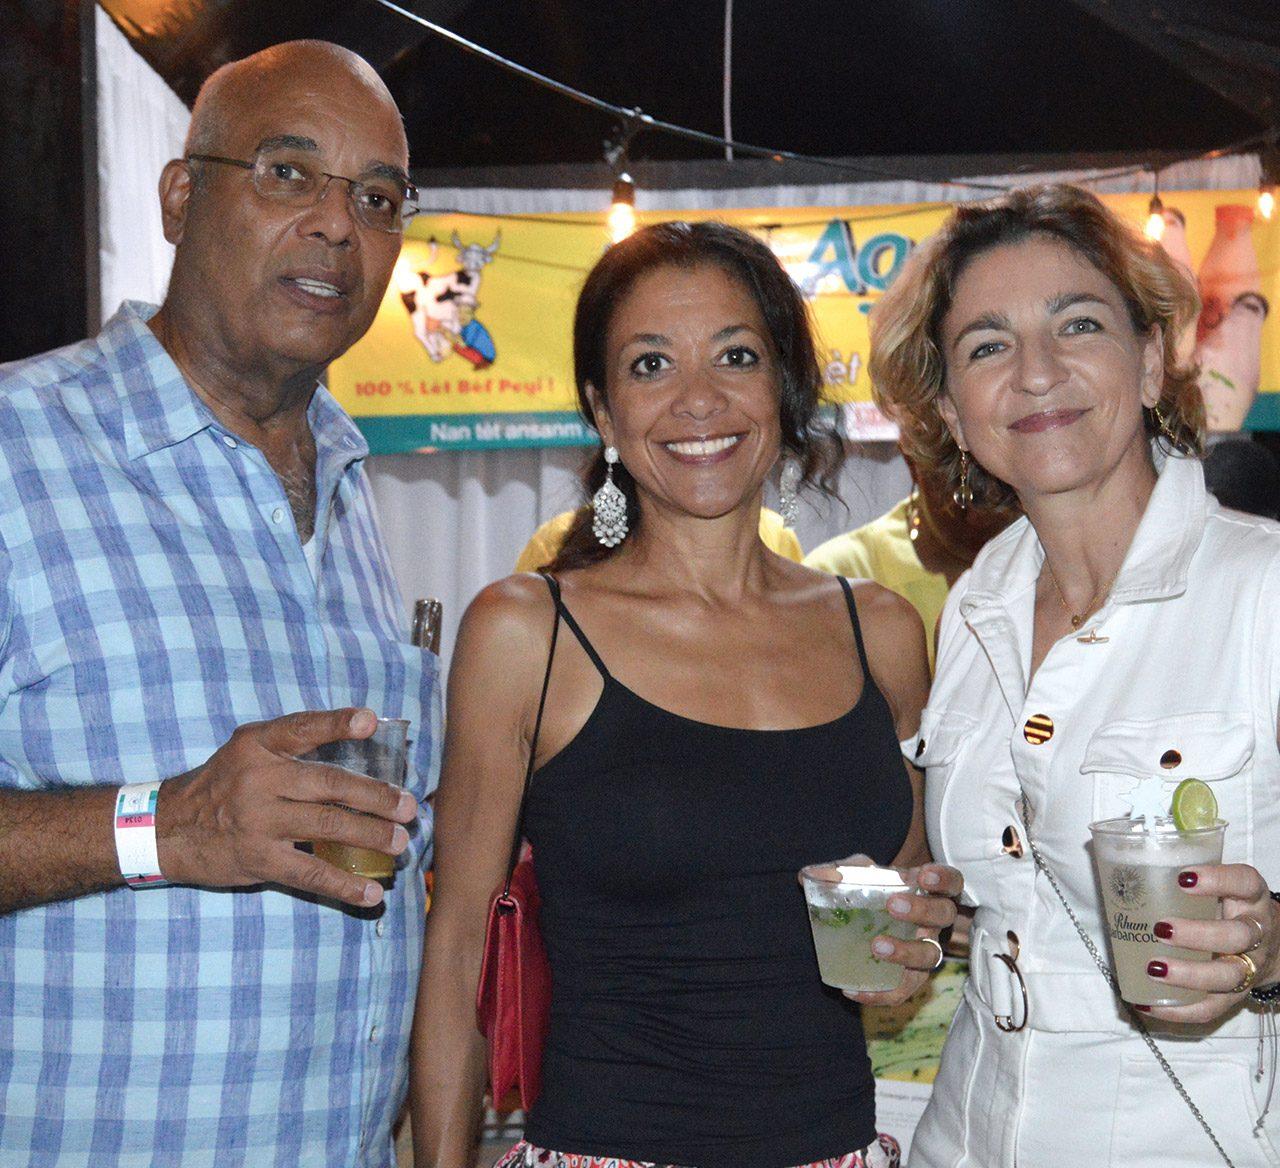 Les associées de l'agence Wellcom, Milena Sandler et Stéphanie Armand avec Georges Barau Sassine, président de l'ADIH.